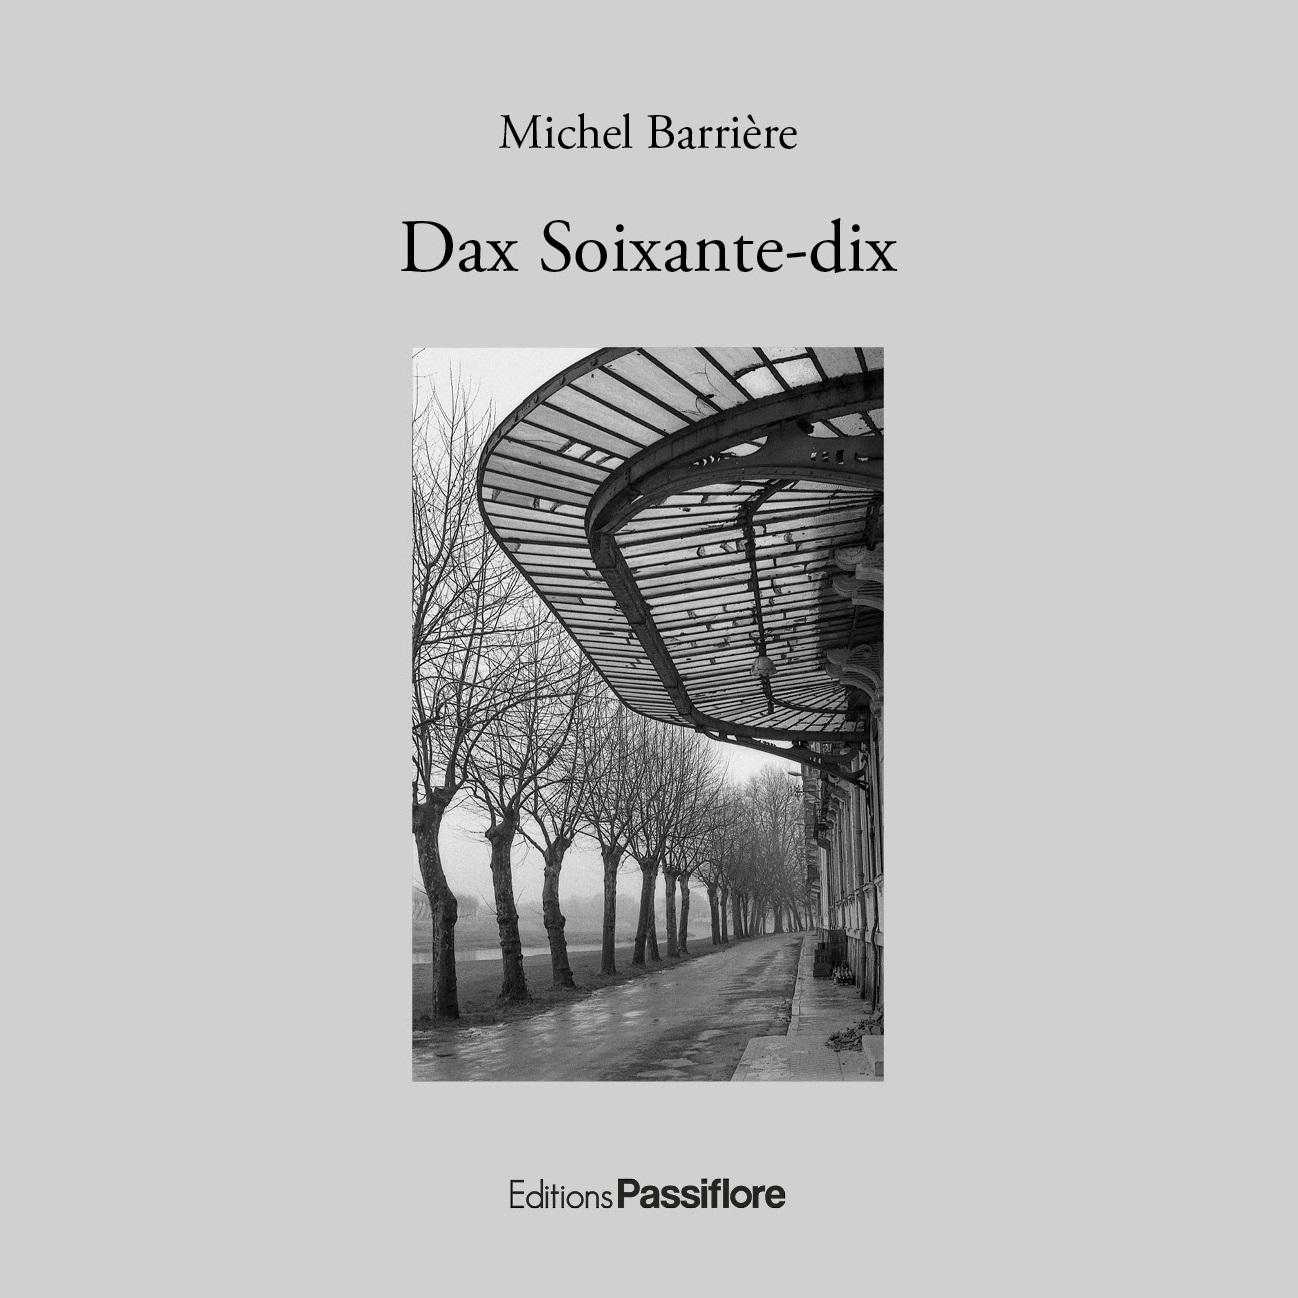 Dax Soixante-dix